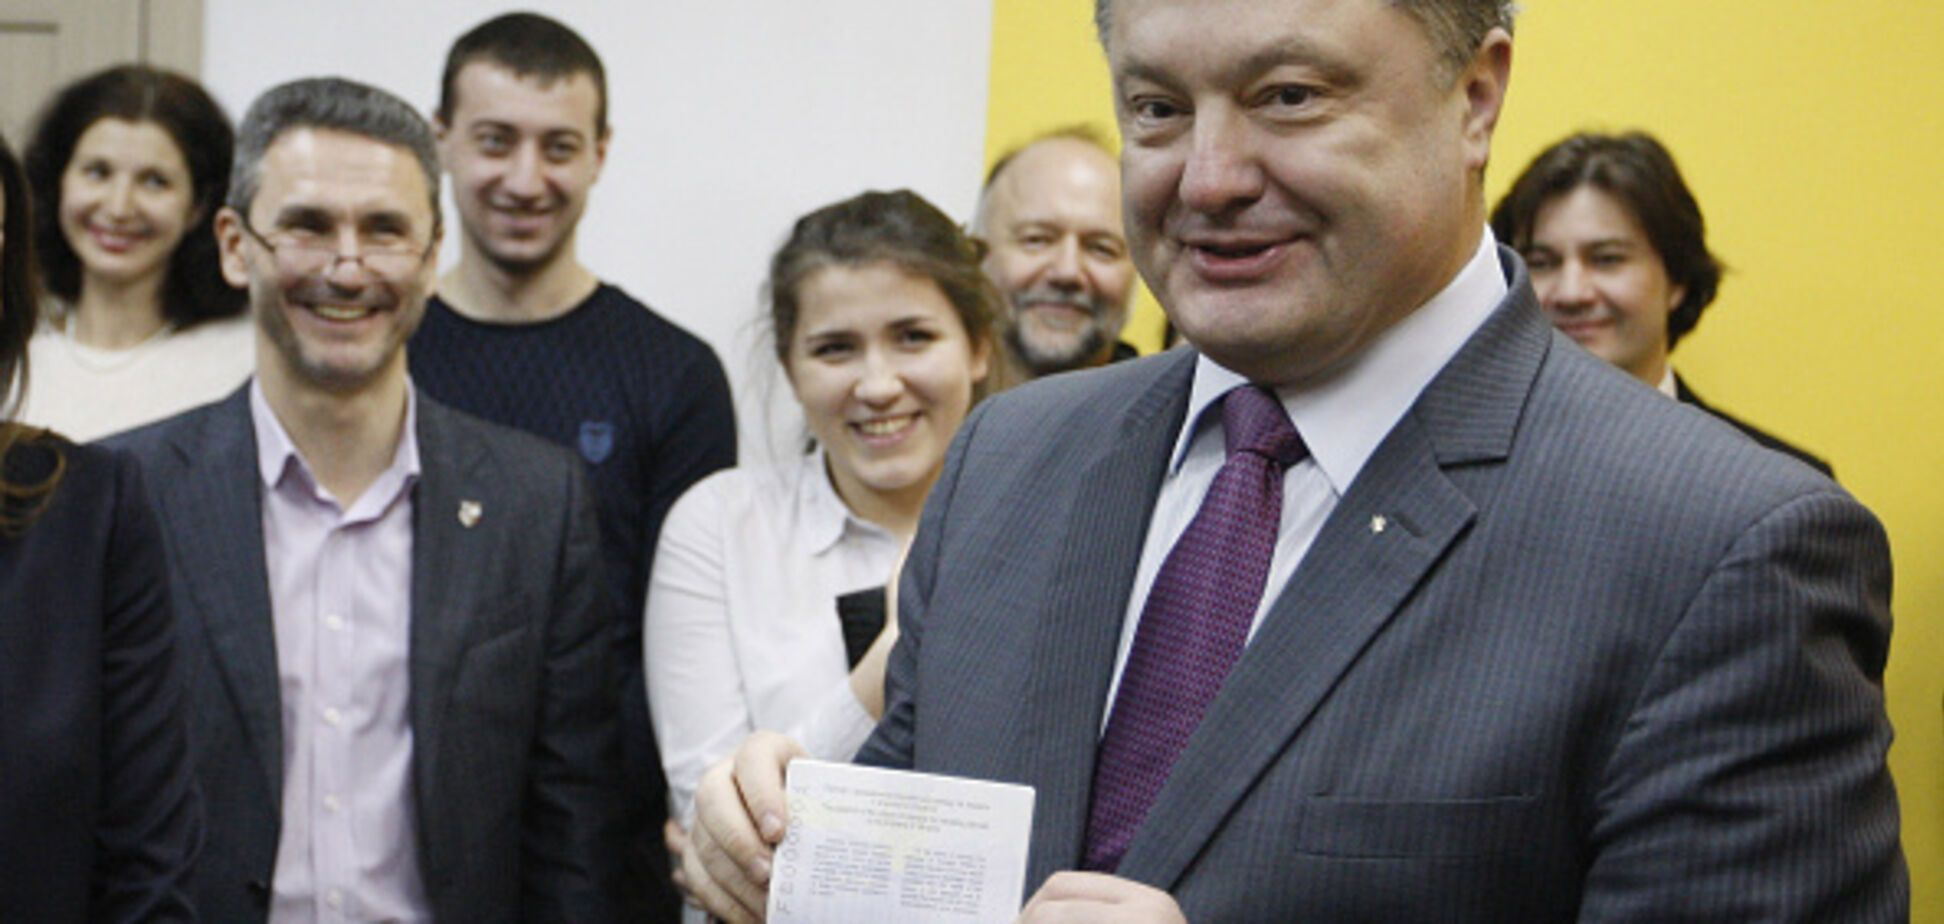 'Слили в РФ': в сети сообщили о взломе базы данных украинских загранпаспортов